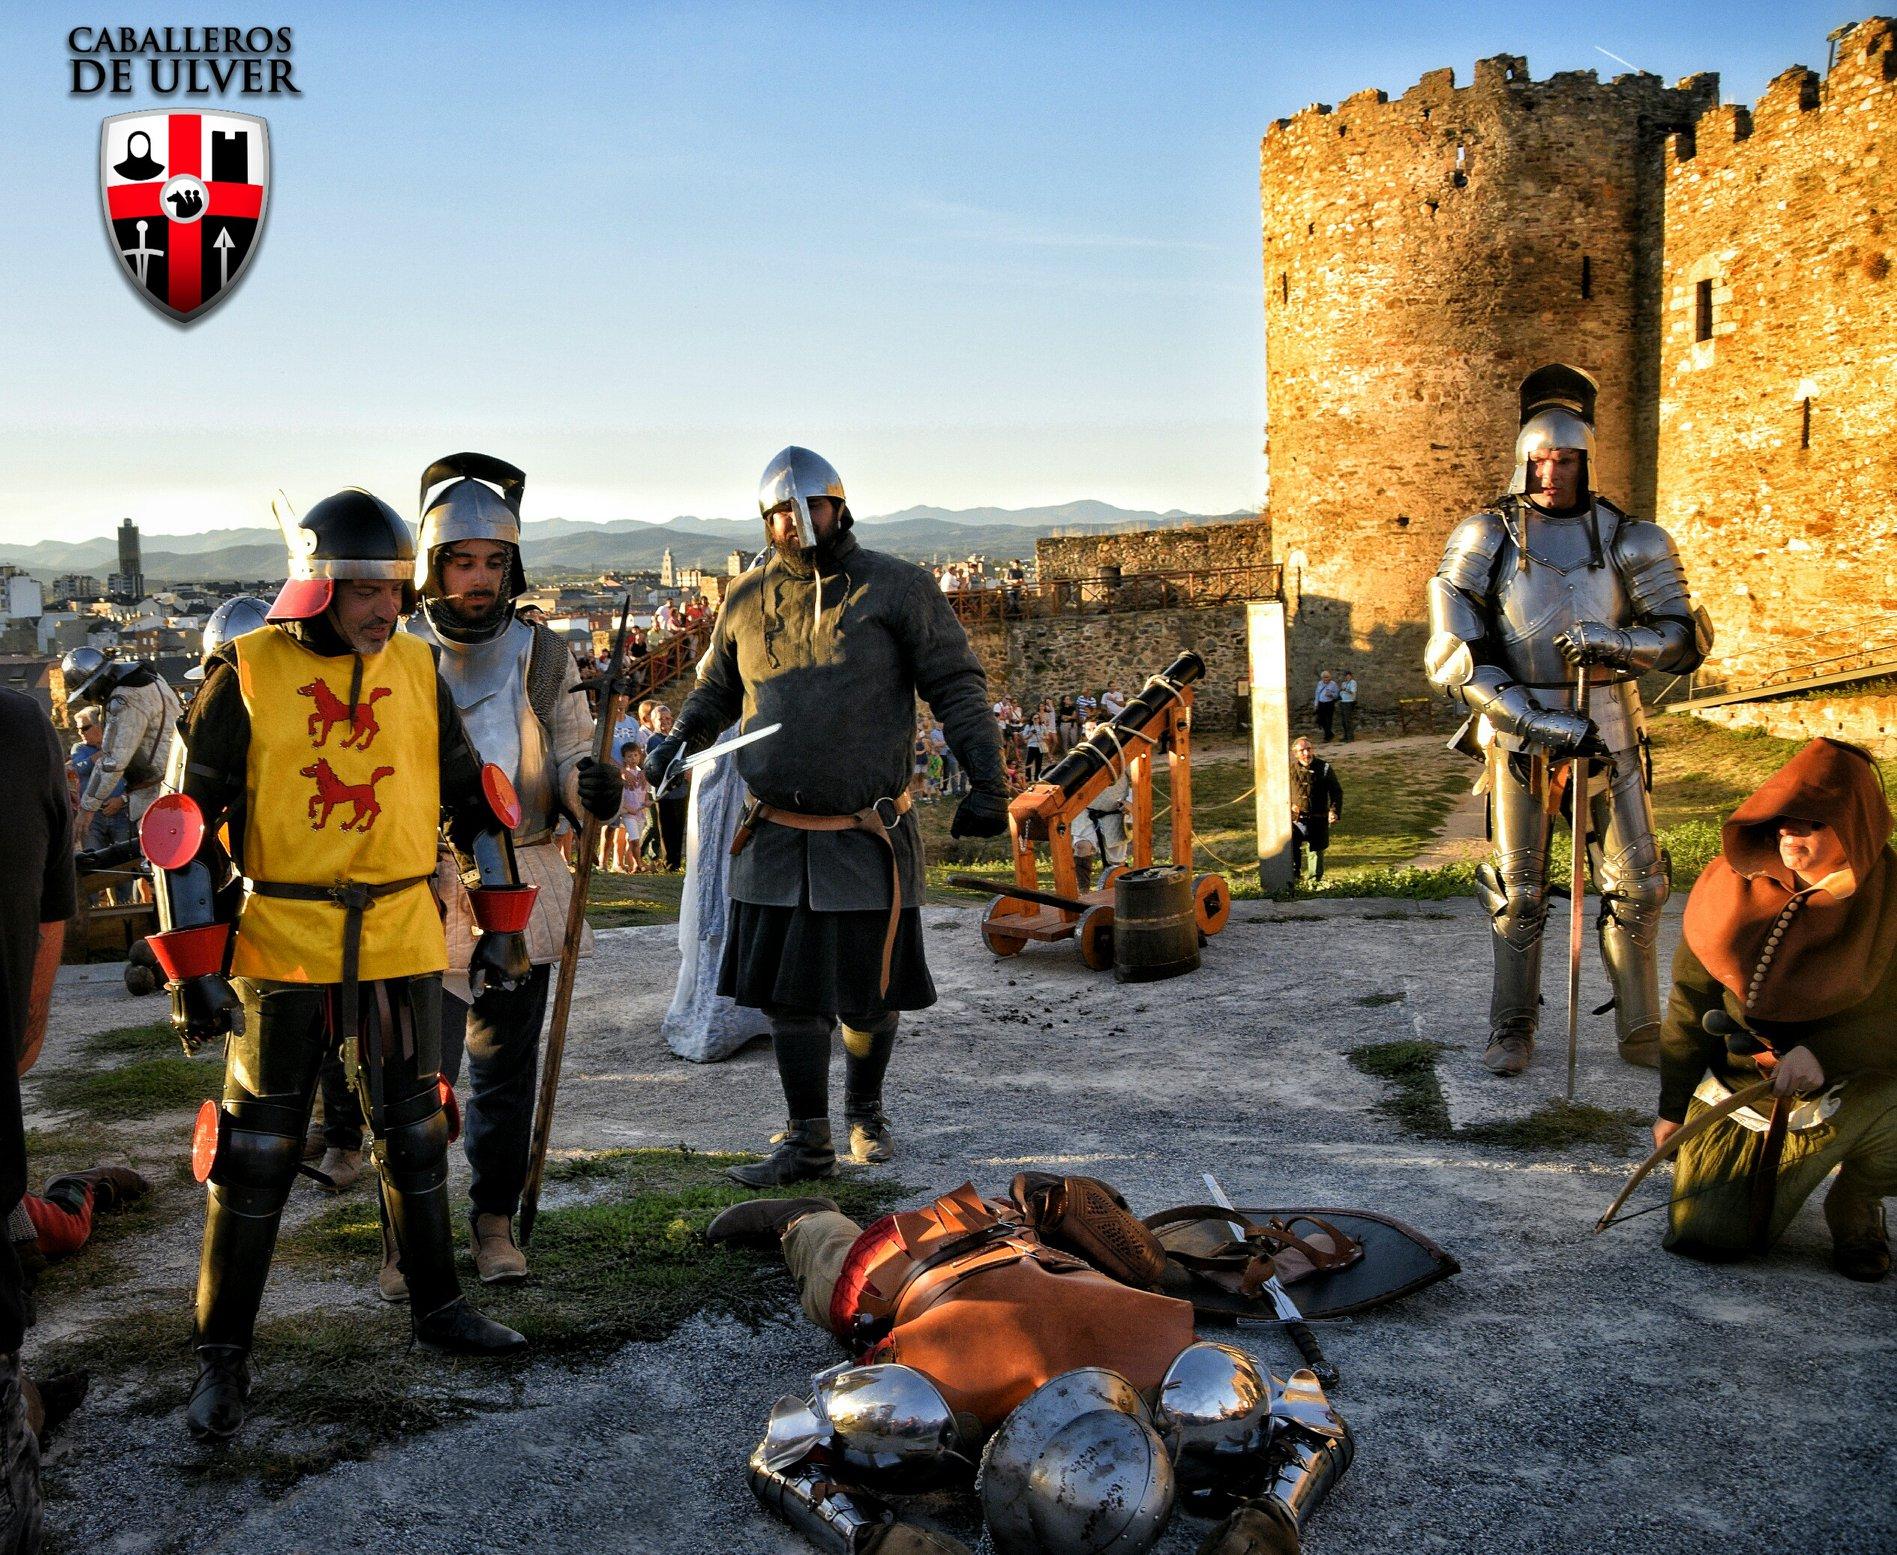 Las recreación de las Revueltas irmandiñas, trasladará el Castillo de Ponferrada al medievo el próximo fin de semana 1